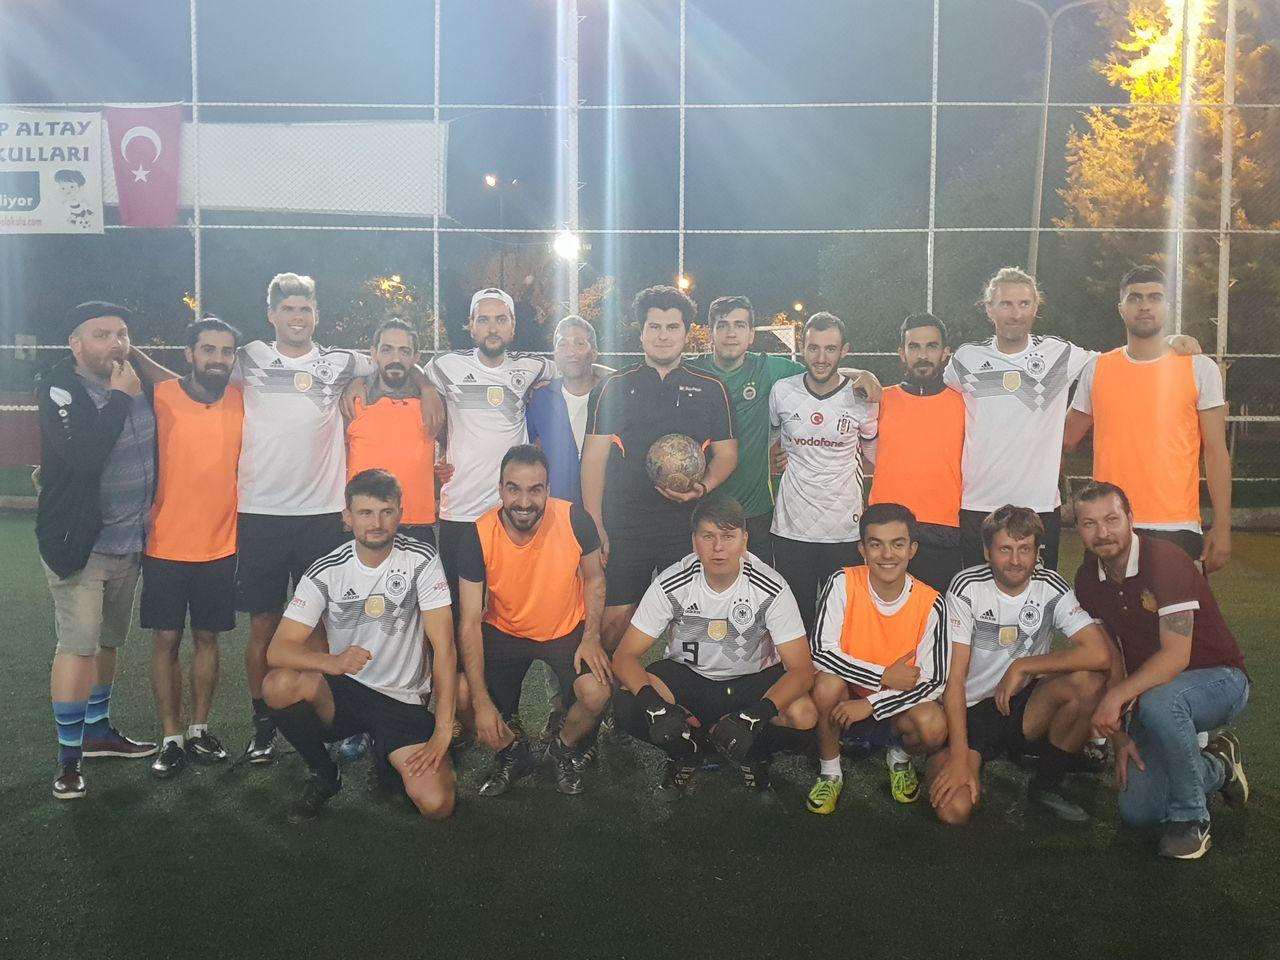 Länderspiel: Spirit of Football-Allstars gegen eine türkische Auswahö. Der Gewinner: Fair Play